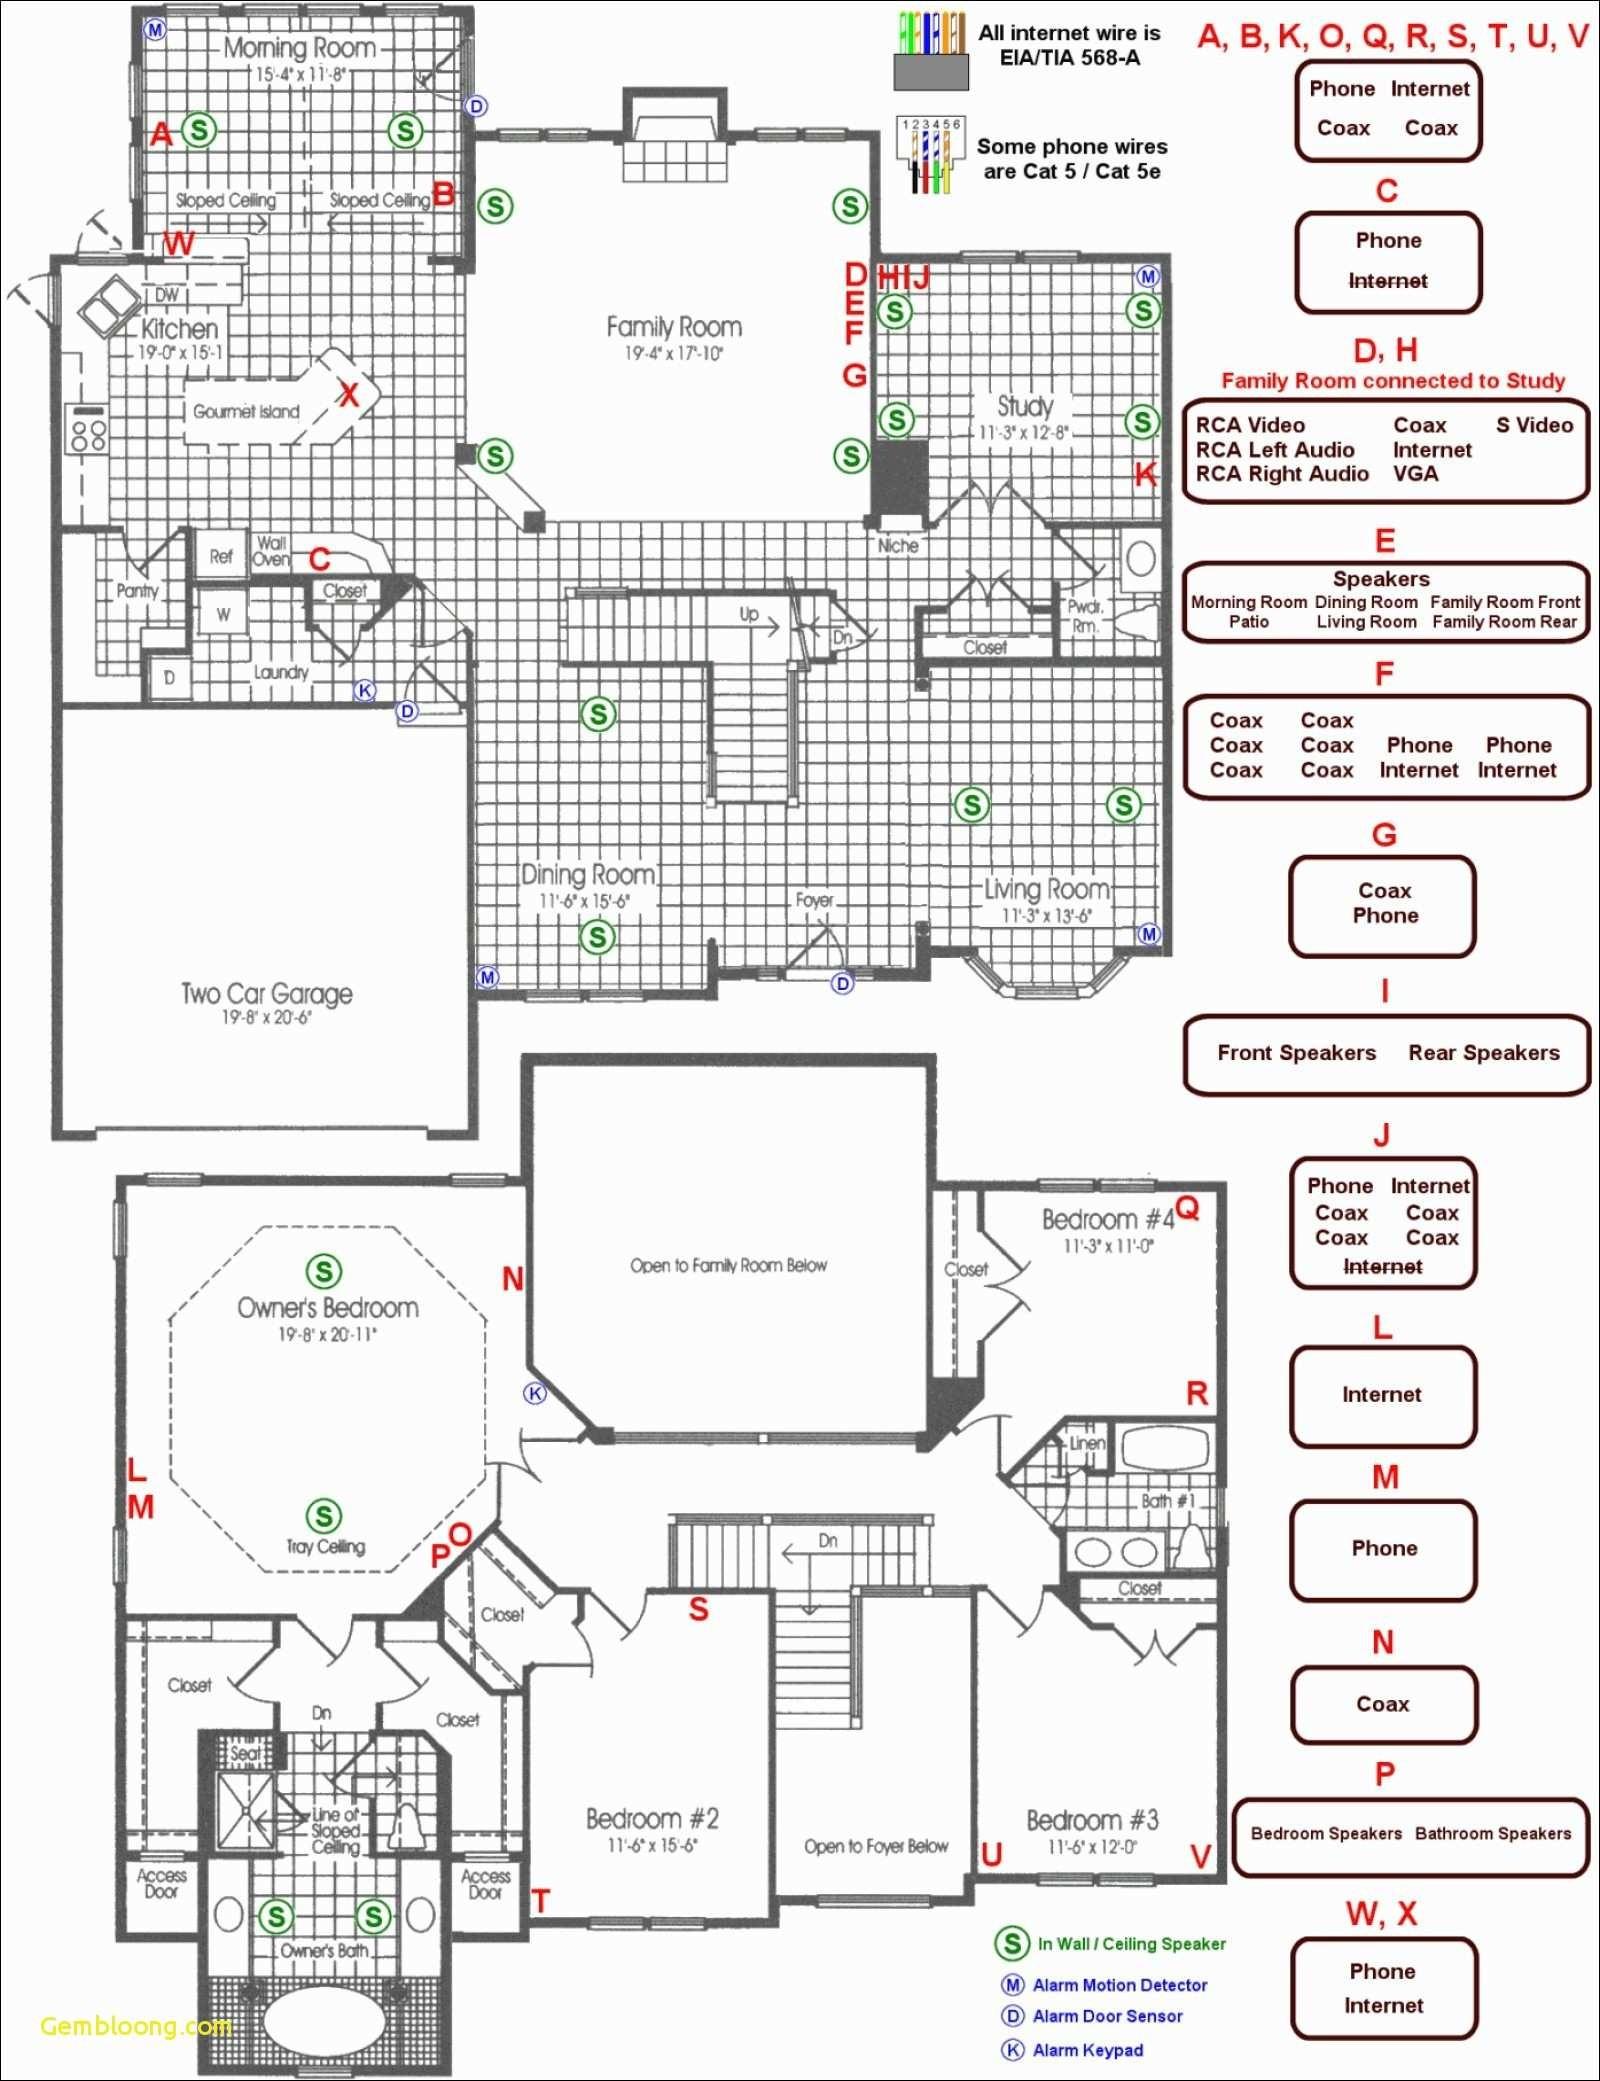 Home theatre Wiring Diagram 12 2 Speaker Wire Facesinnature Of Home theatre Wiring Diagram